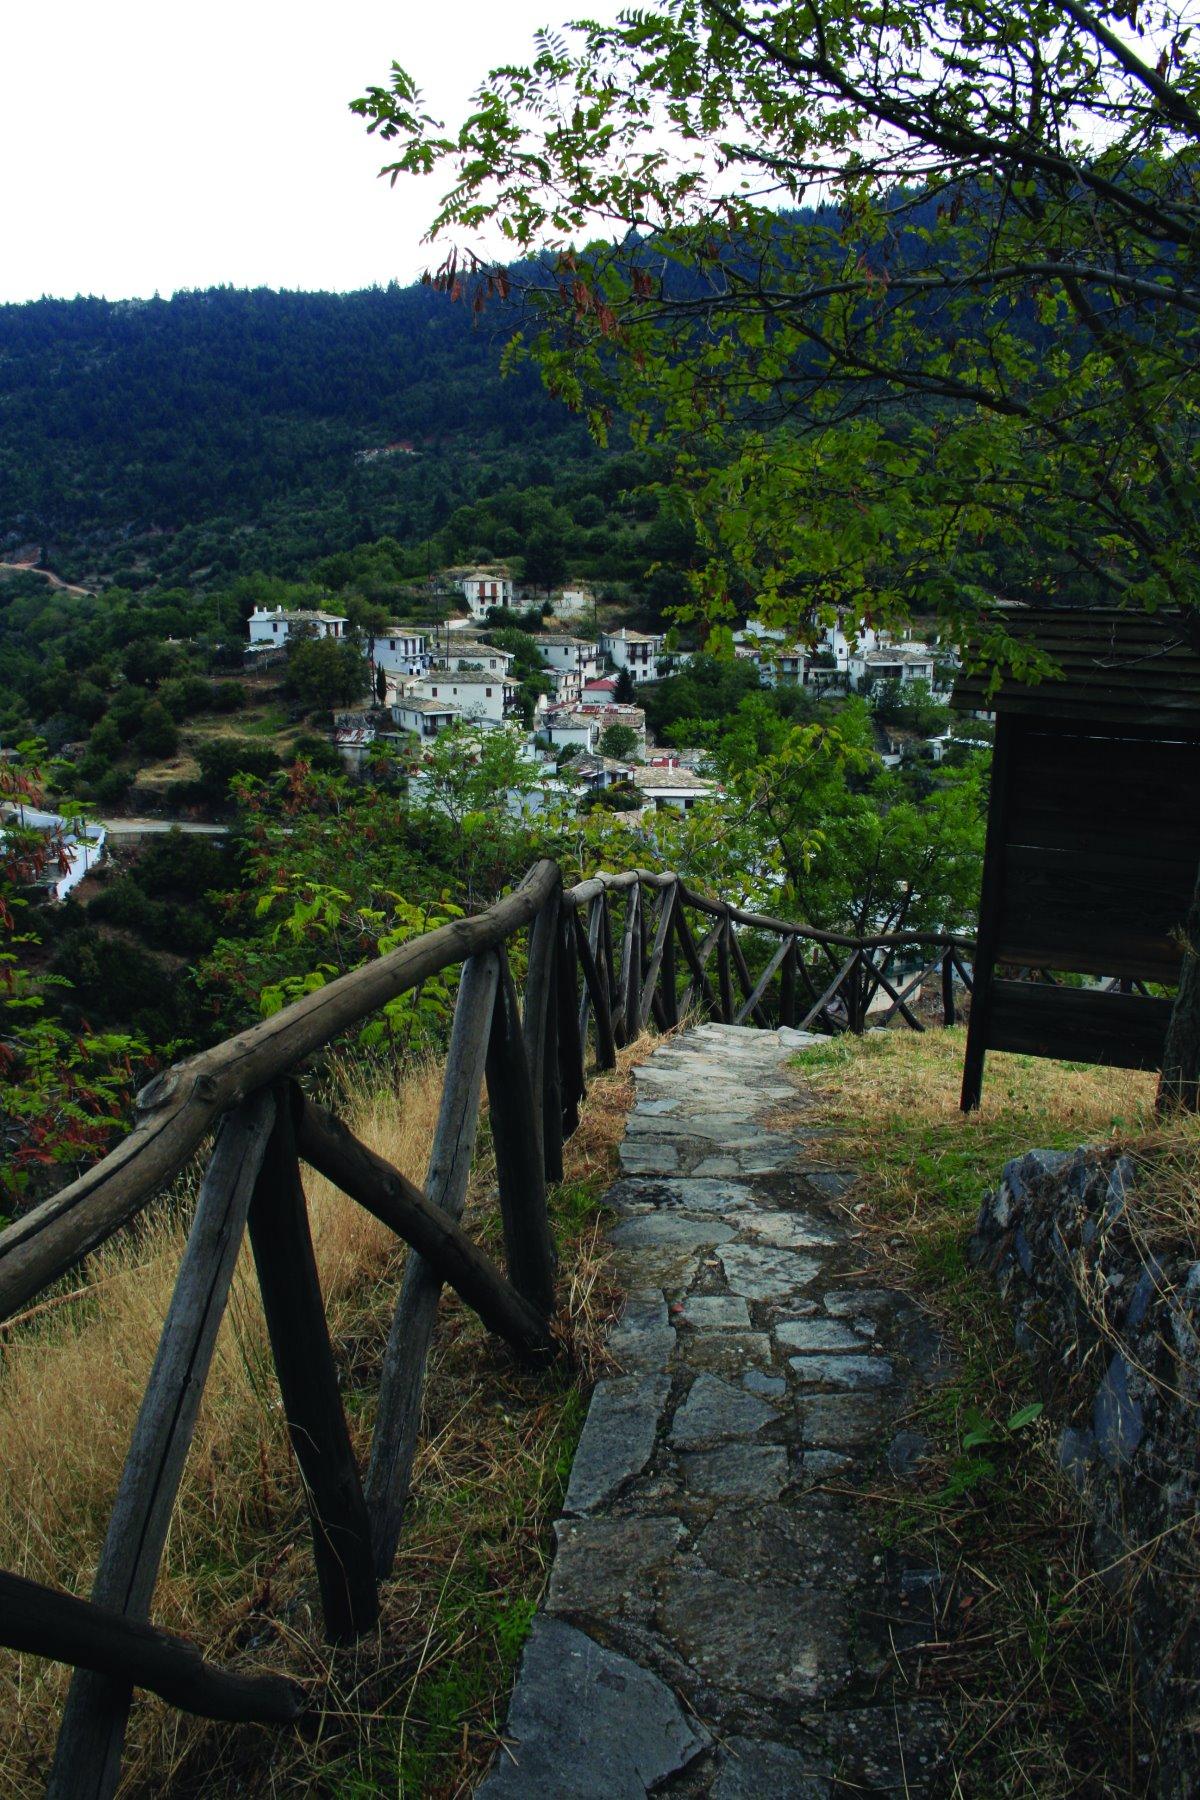 Η Καστάνιτσα περιβάλλεται από καταπράσινα τοπία και ορεινούς όγκους